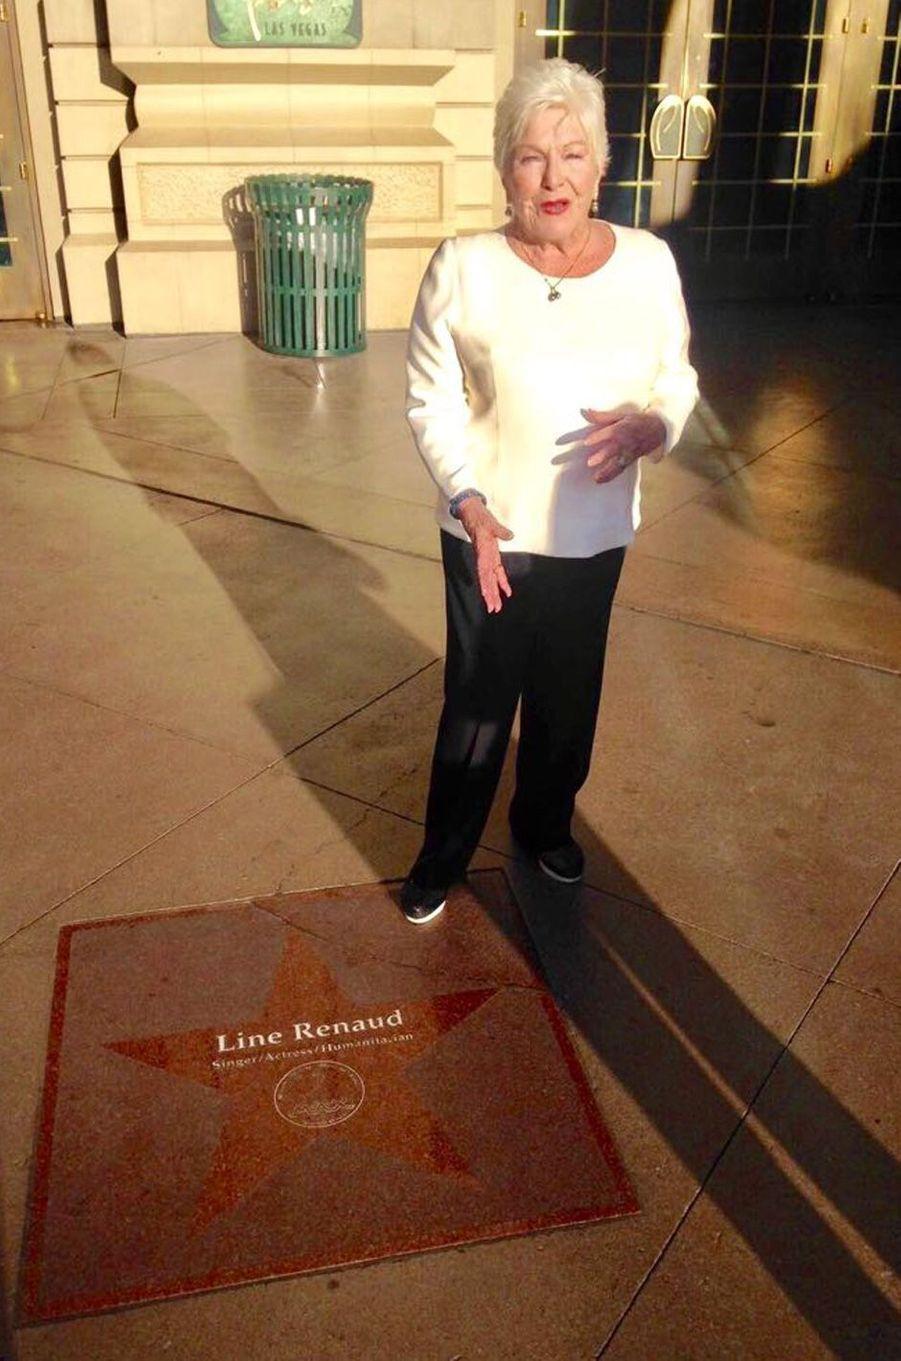 Line Renaud devant l'hôtel Paris Las Vegas. La seule étoile, c'est la sienne.